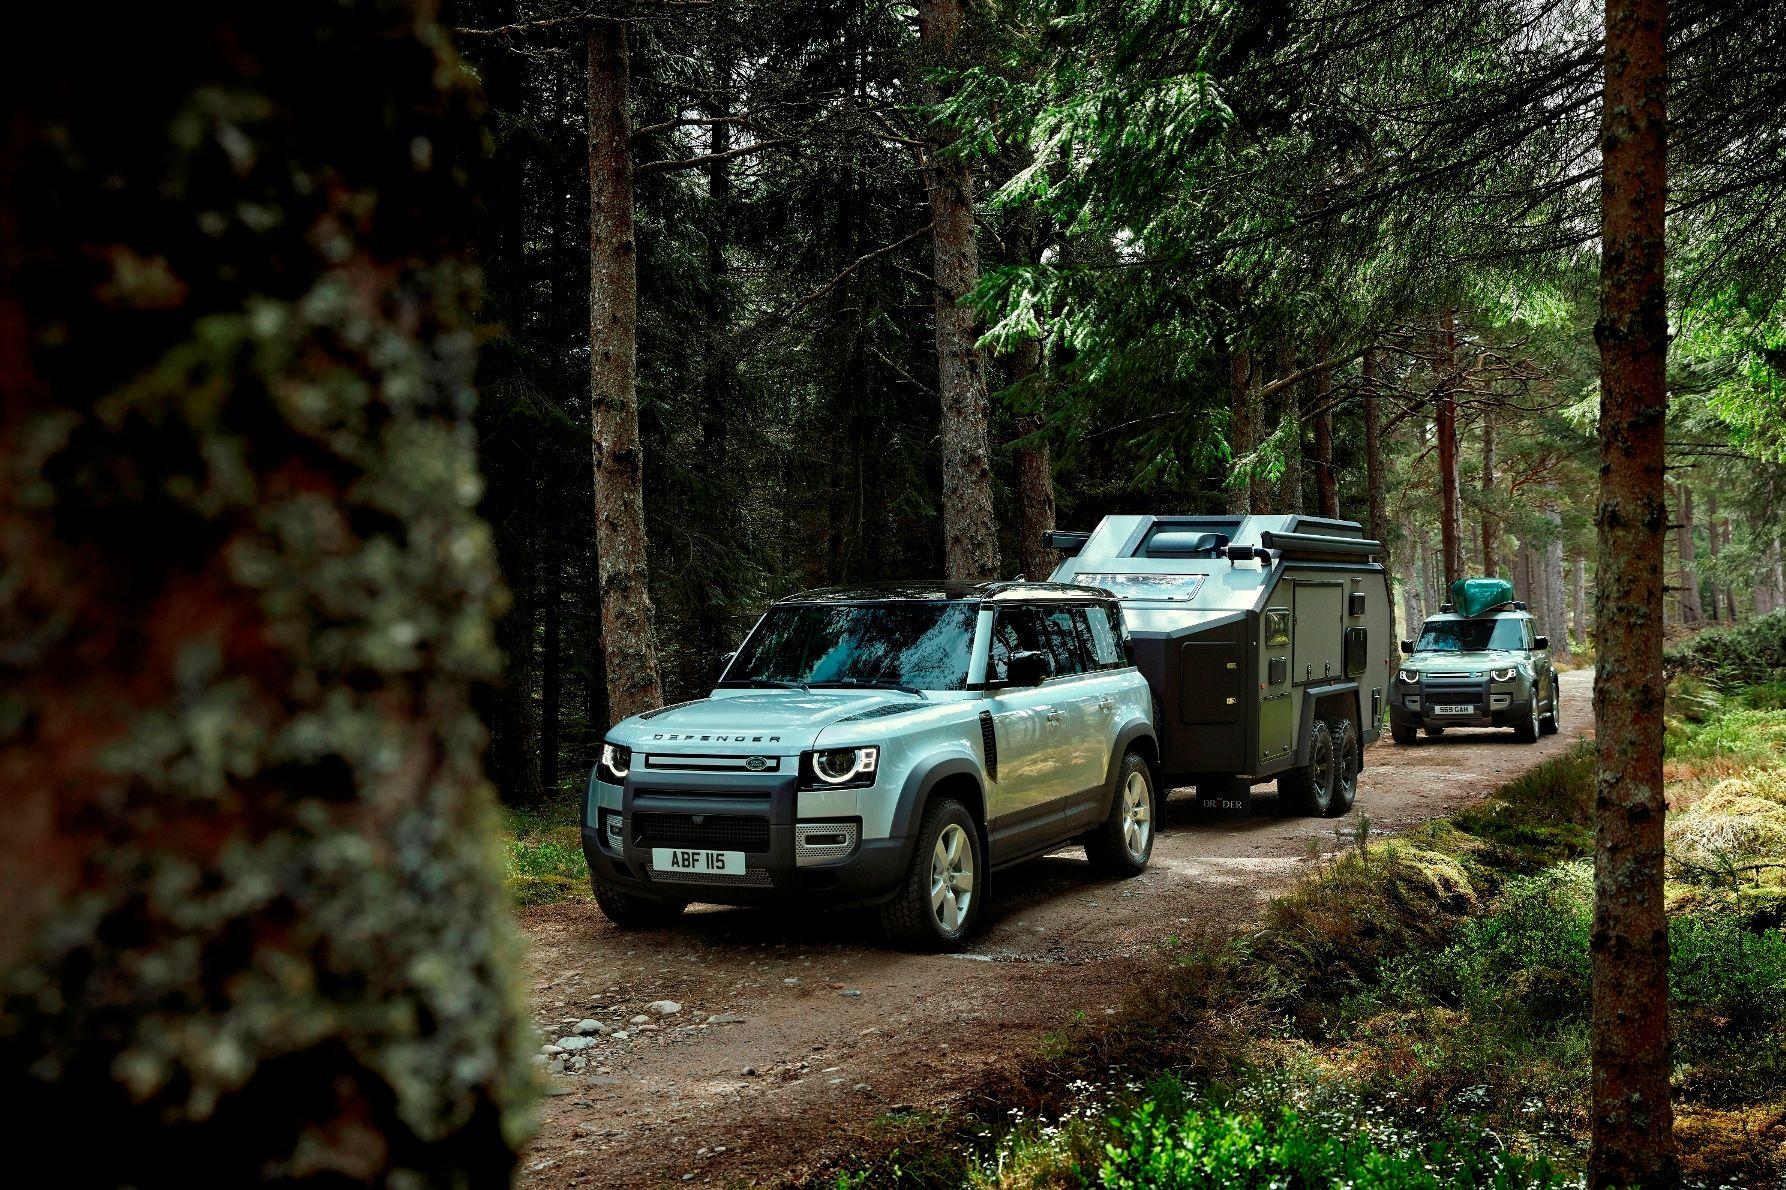 Дебютував Land Rover Defender нового покоління (фото, відео, характеристики)